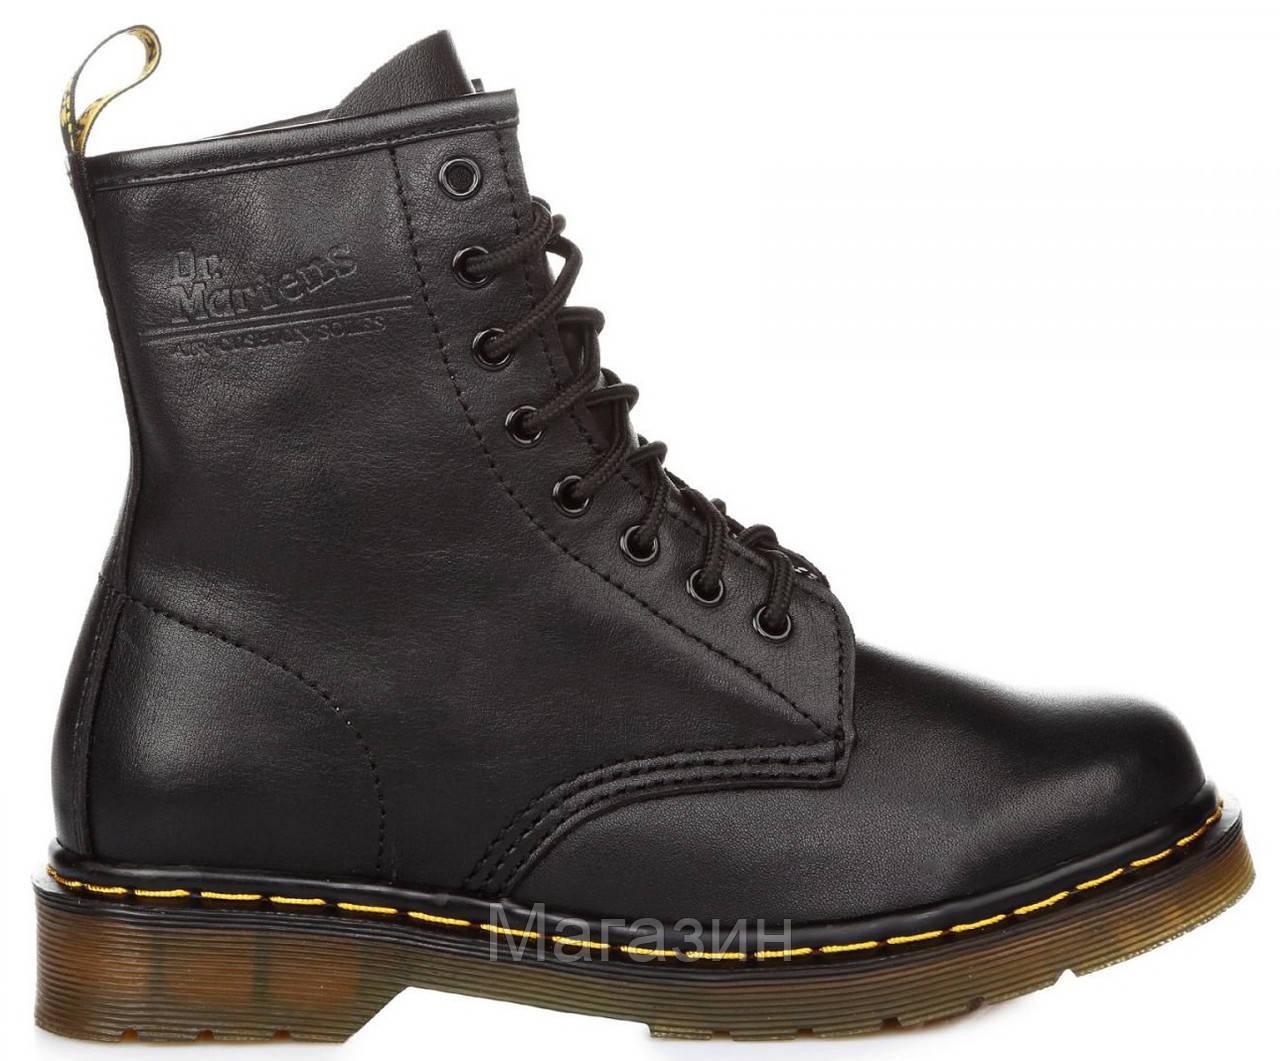 Женские зимние ботинки Dr. Martens 1460 Black Smooth VEGAN Доктор Мартинс С МЕХОМ  черные ec4772f9381a4